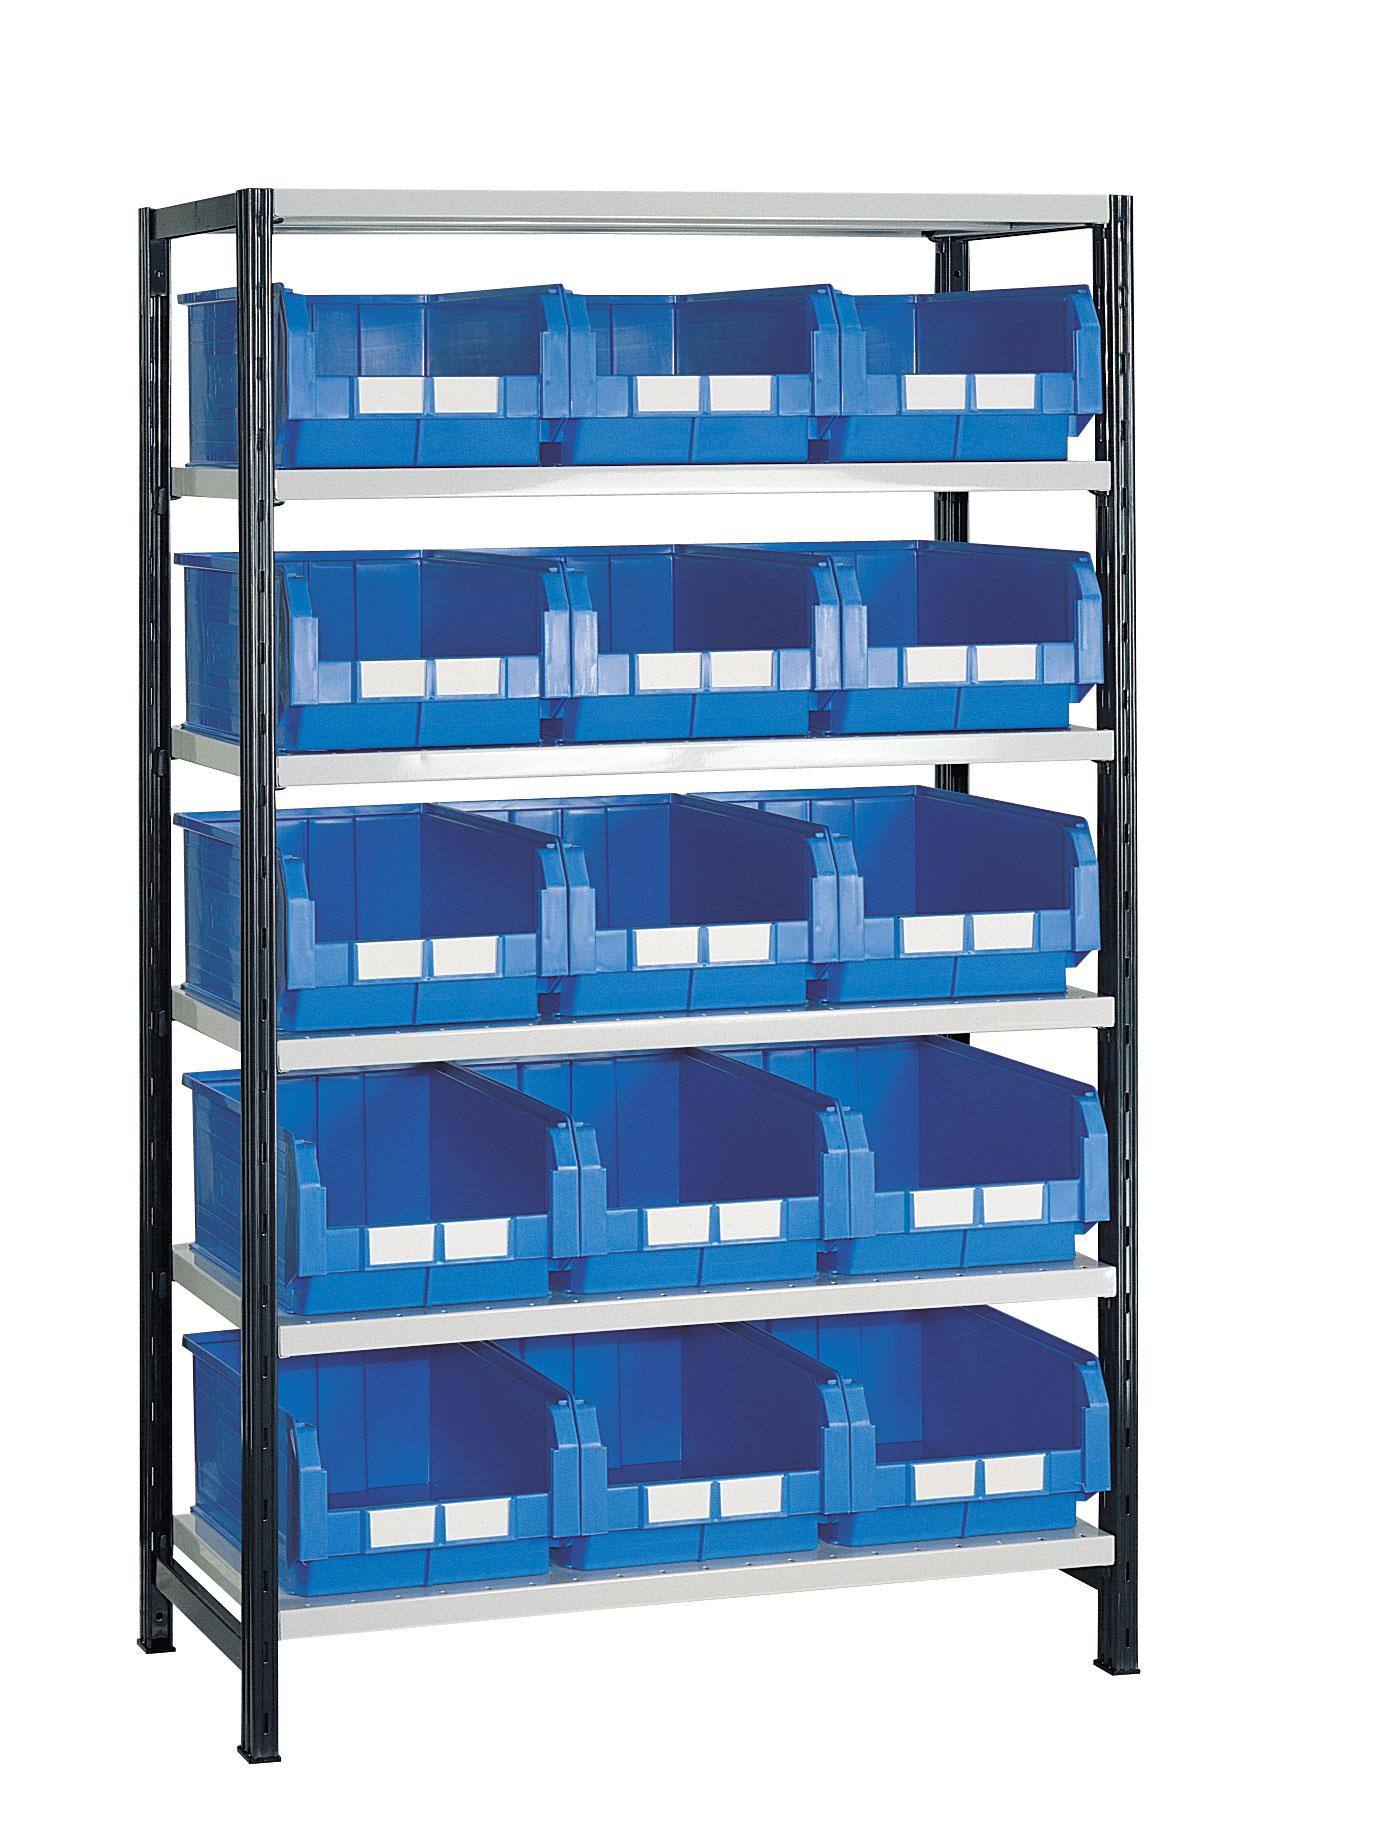 Rayonnage avec 15 bacs plastiques 28 litres bleus